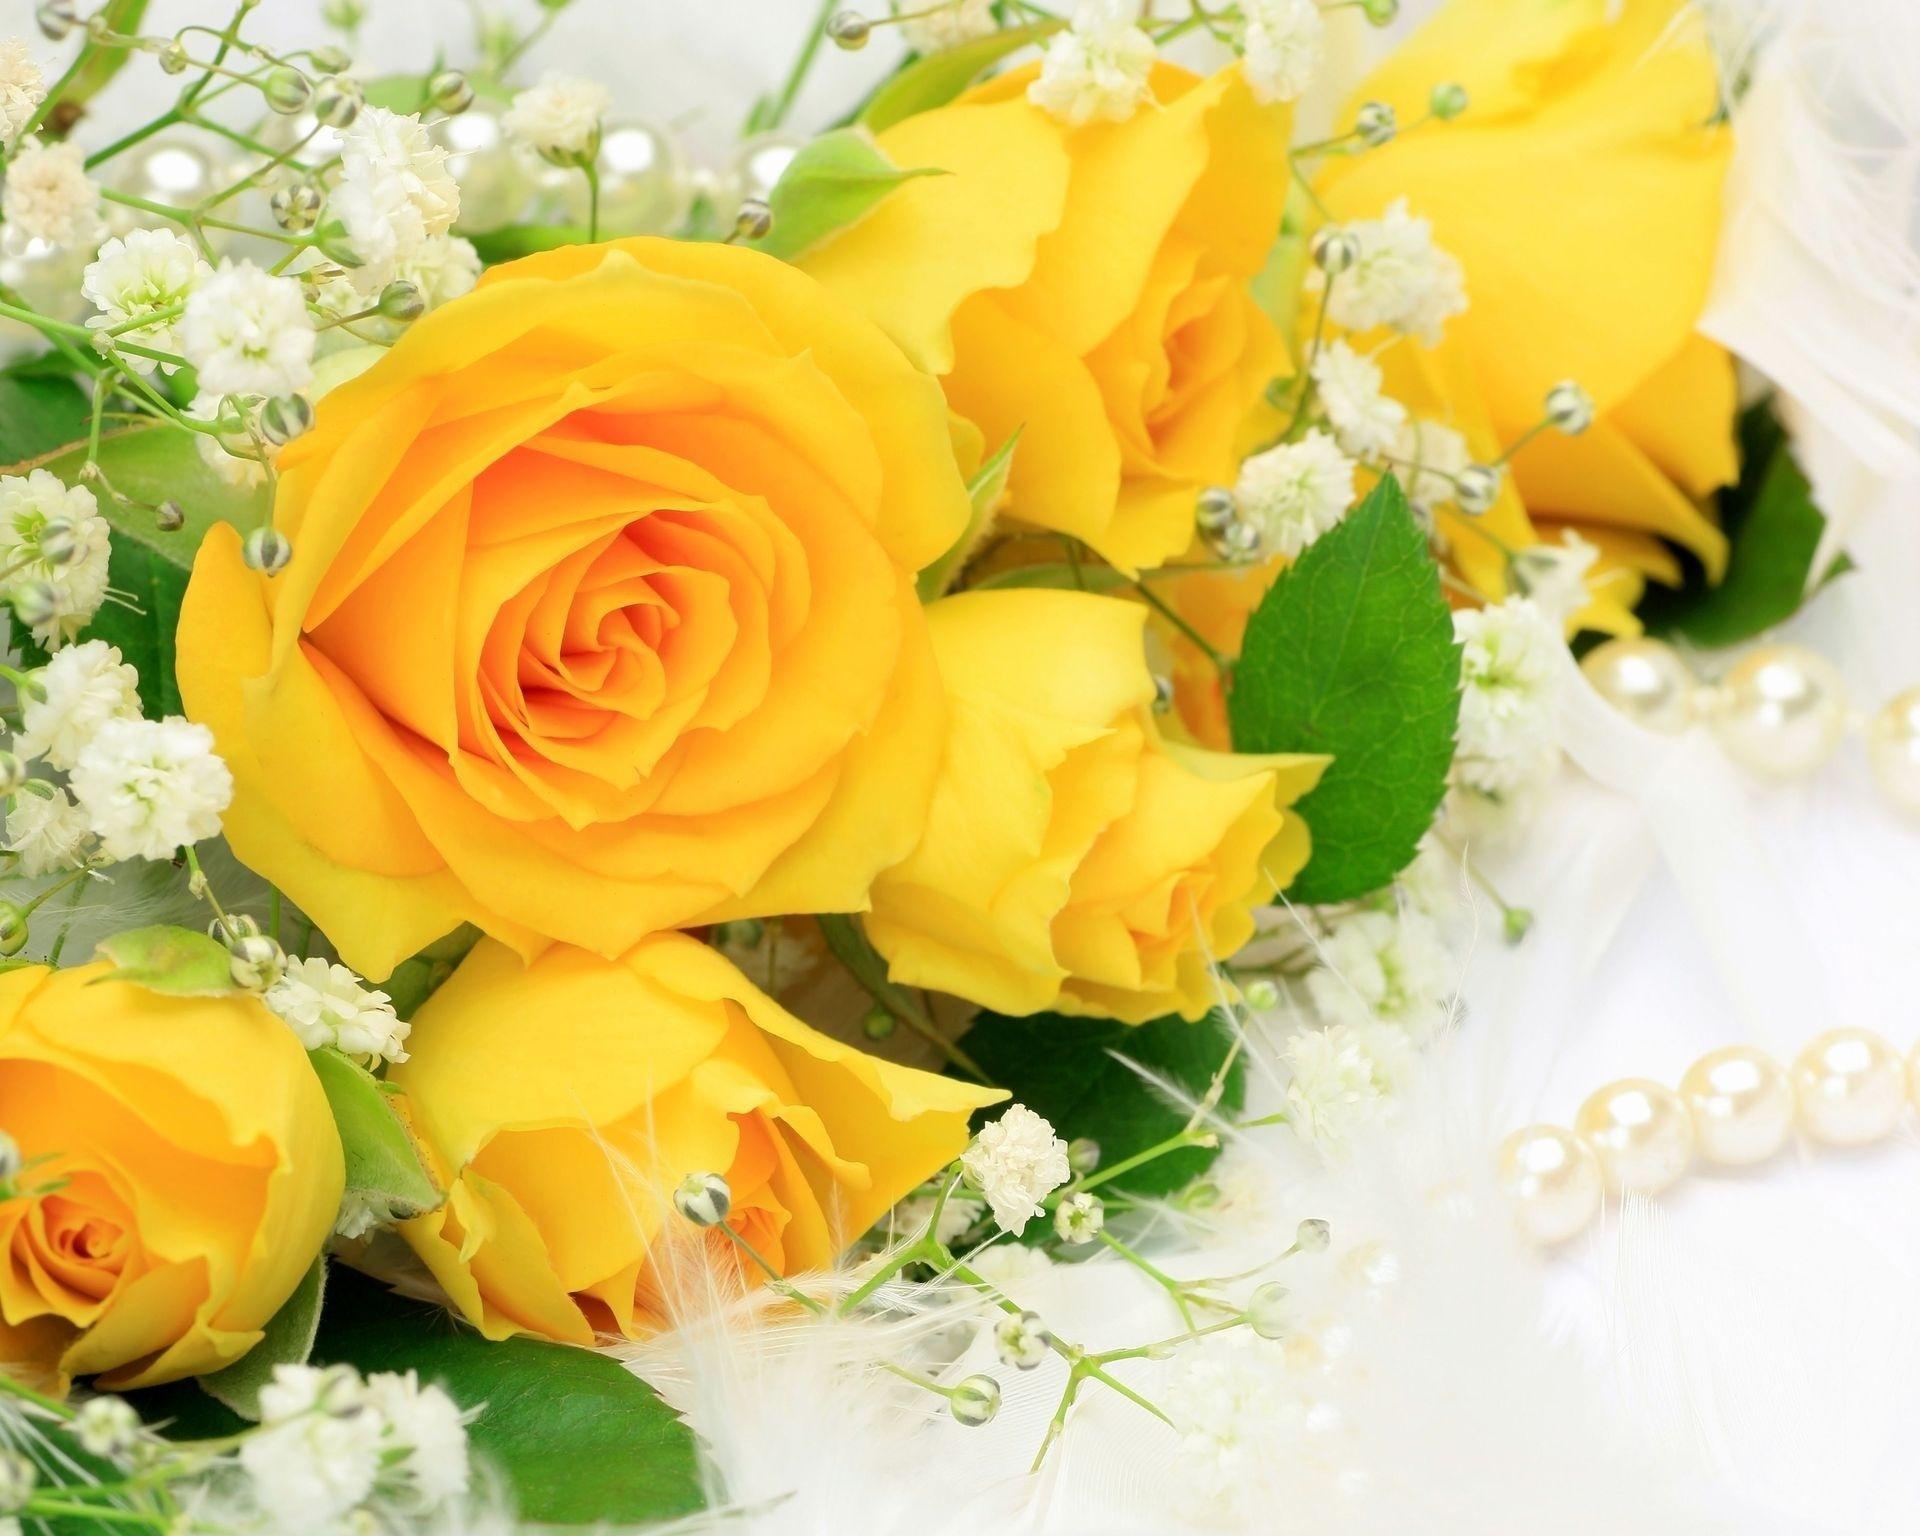 بالصور صور ورد طبيعي , اجمل الورود الطبيعيه باشكالها المختلفه 1054 7